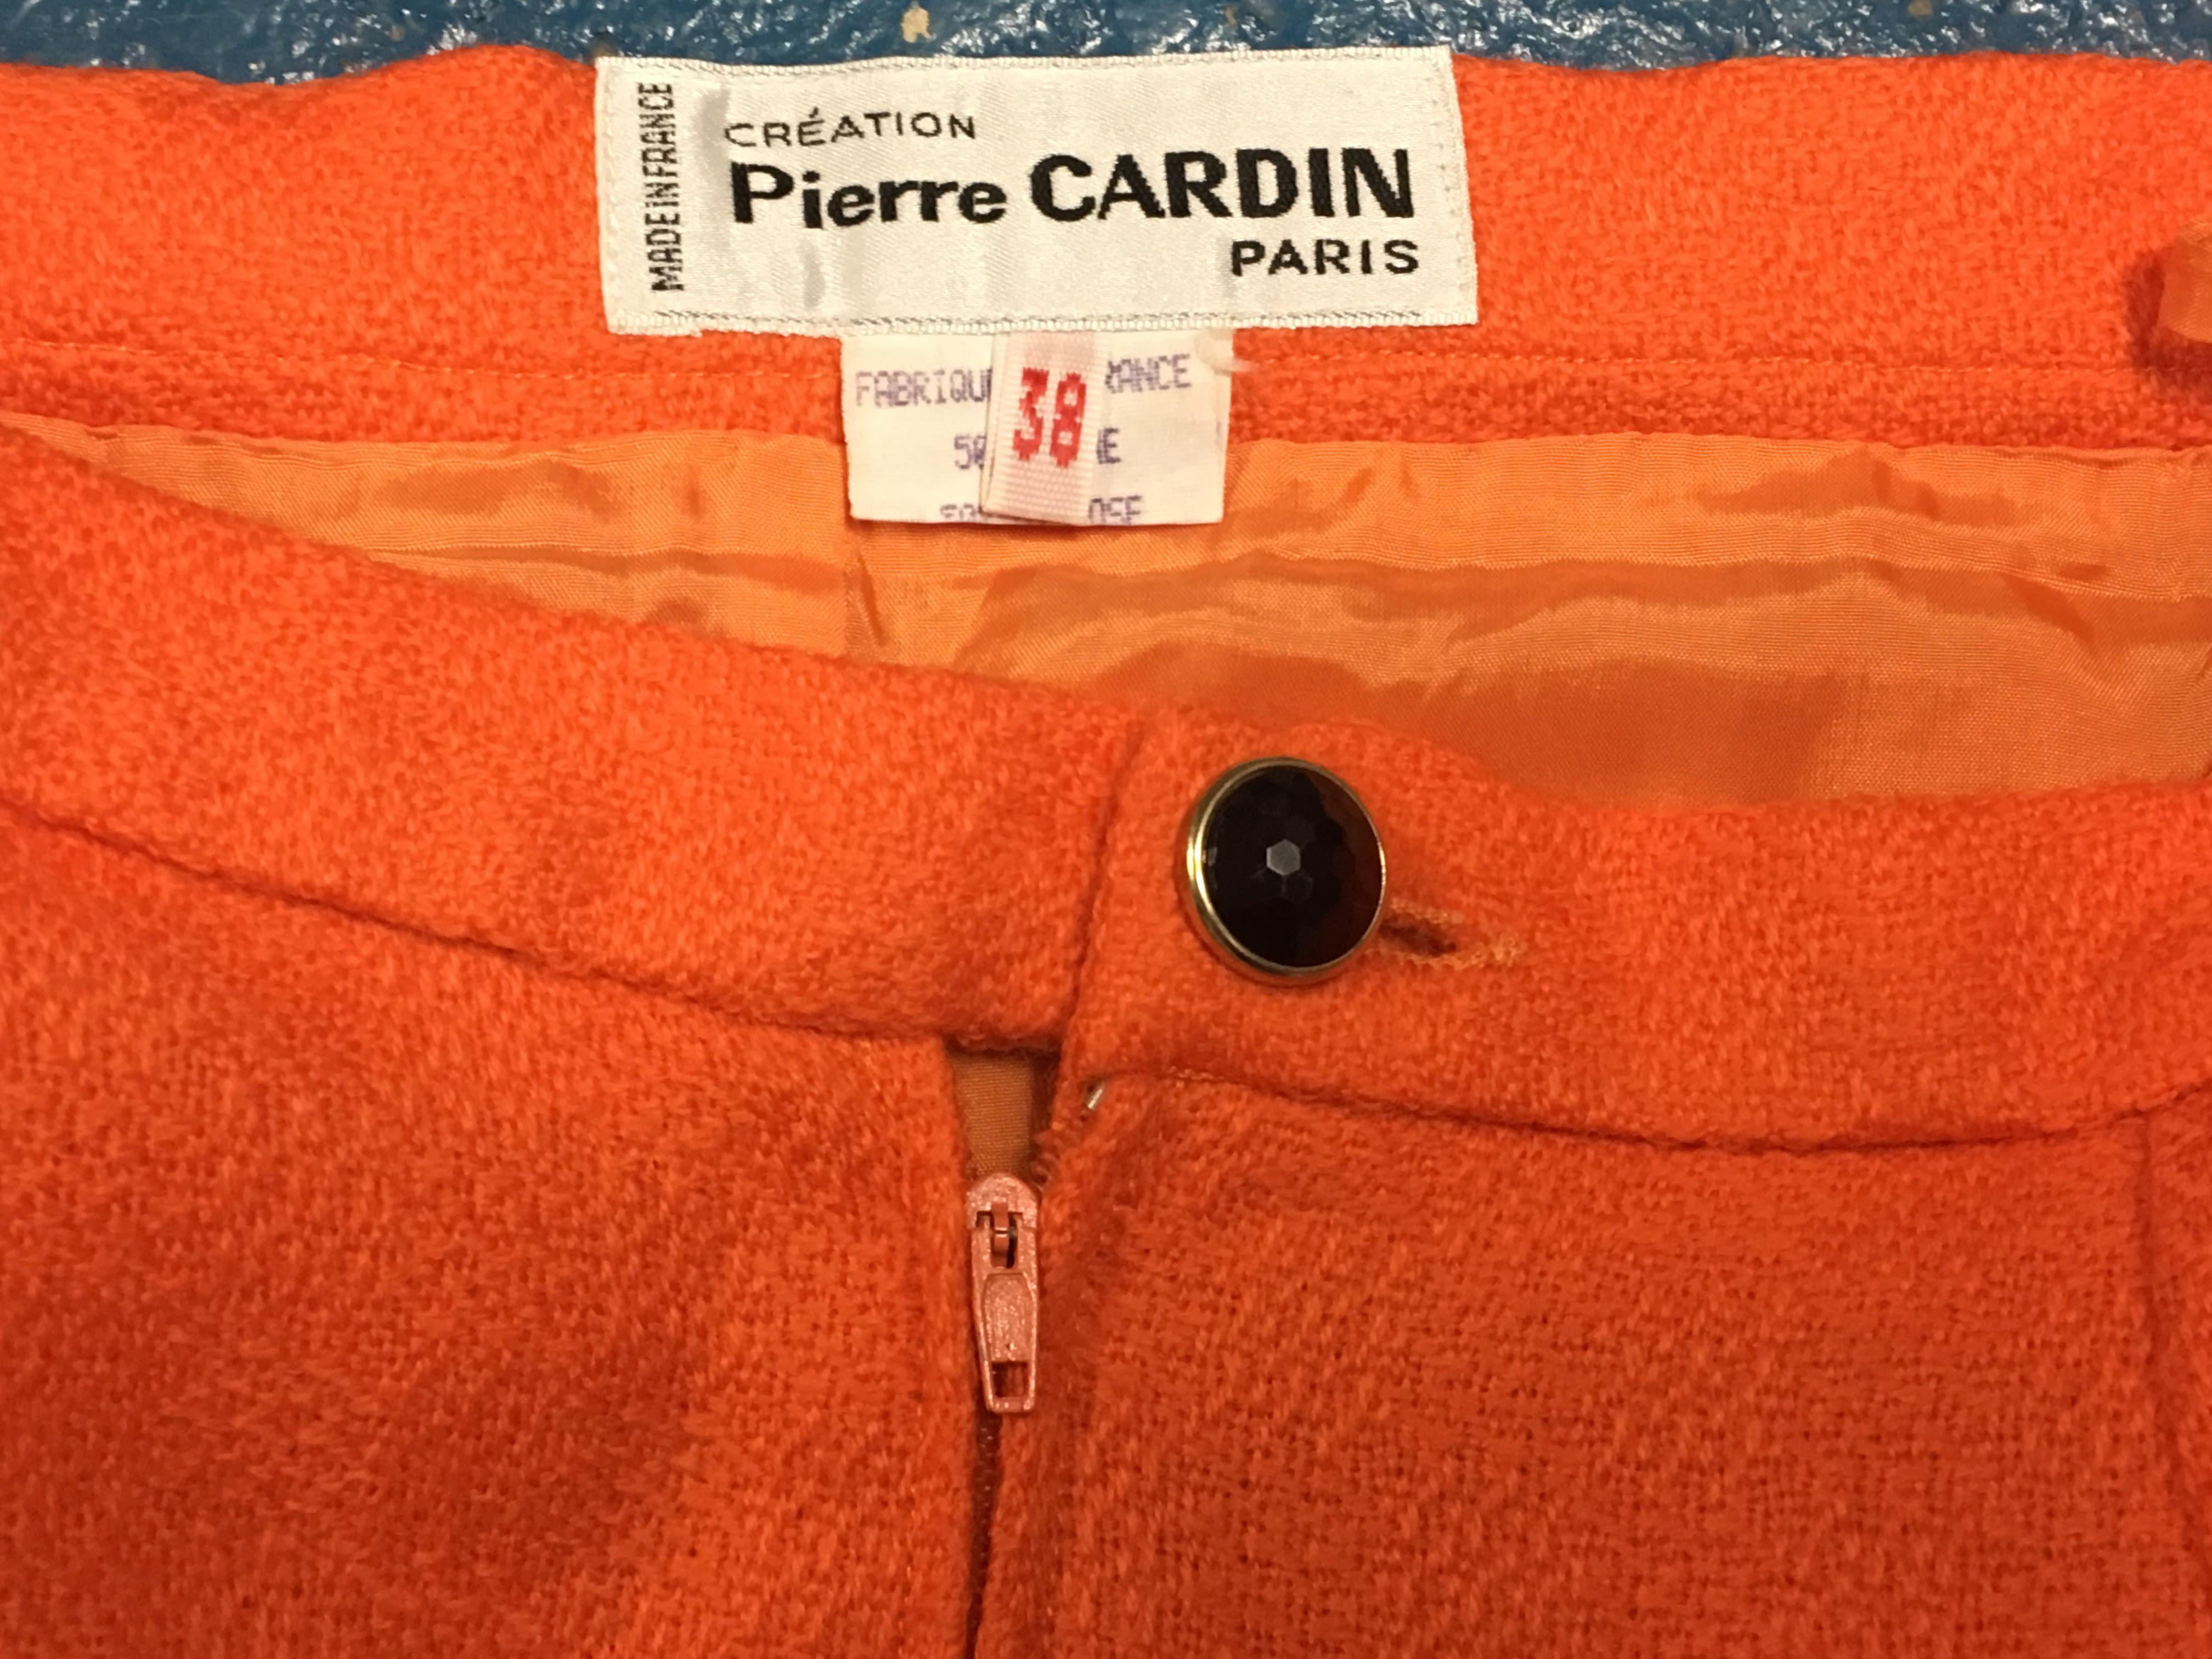 Jupes - Jupe Pierre Cardin